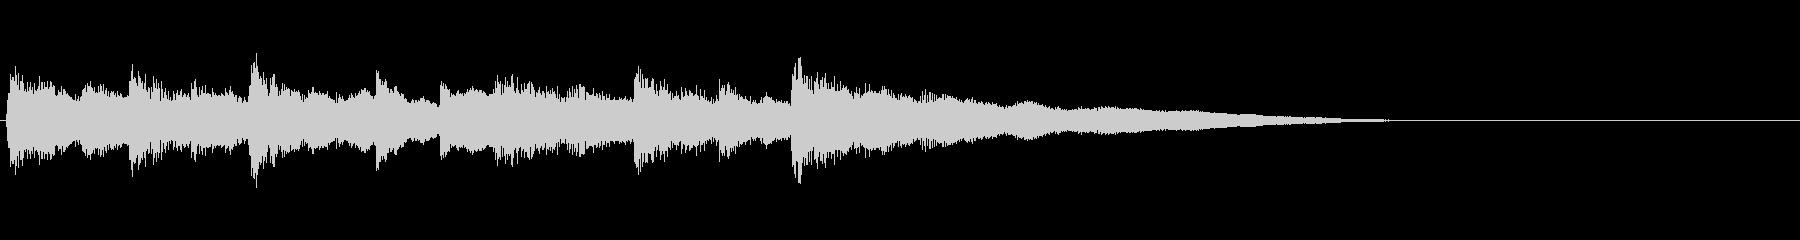 和風ジングル:民謡風しゃみせんの未再生の波形